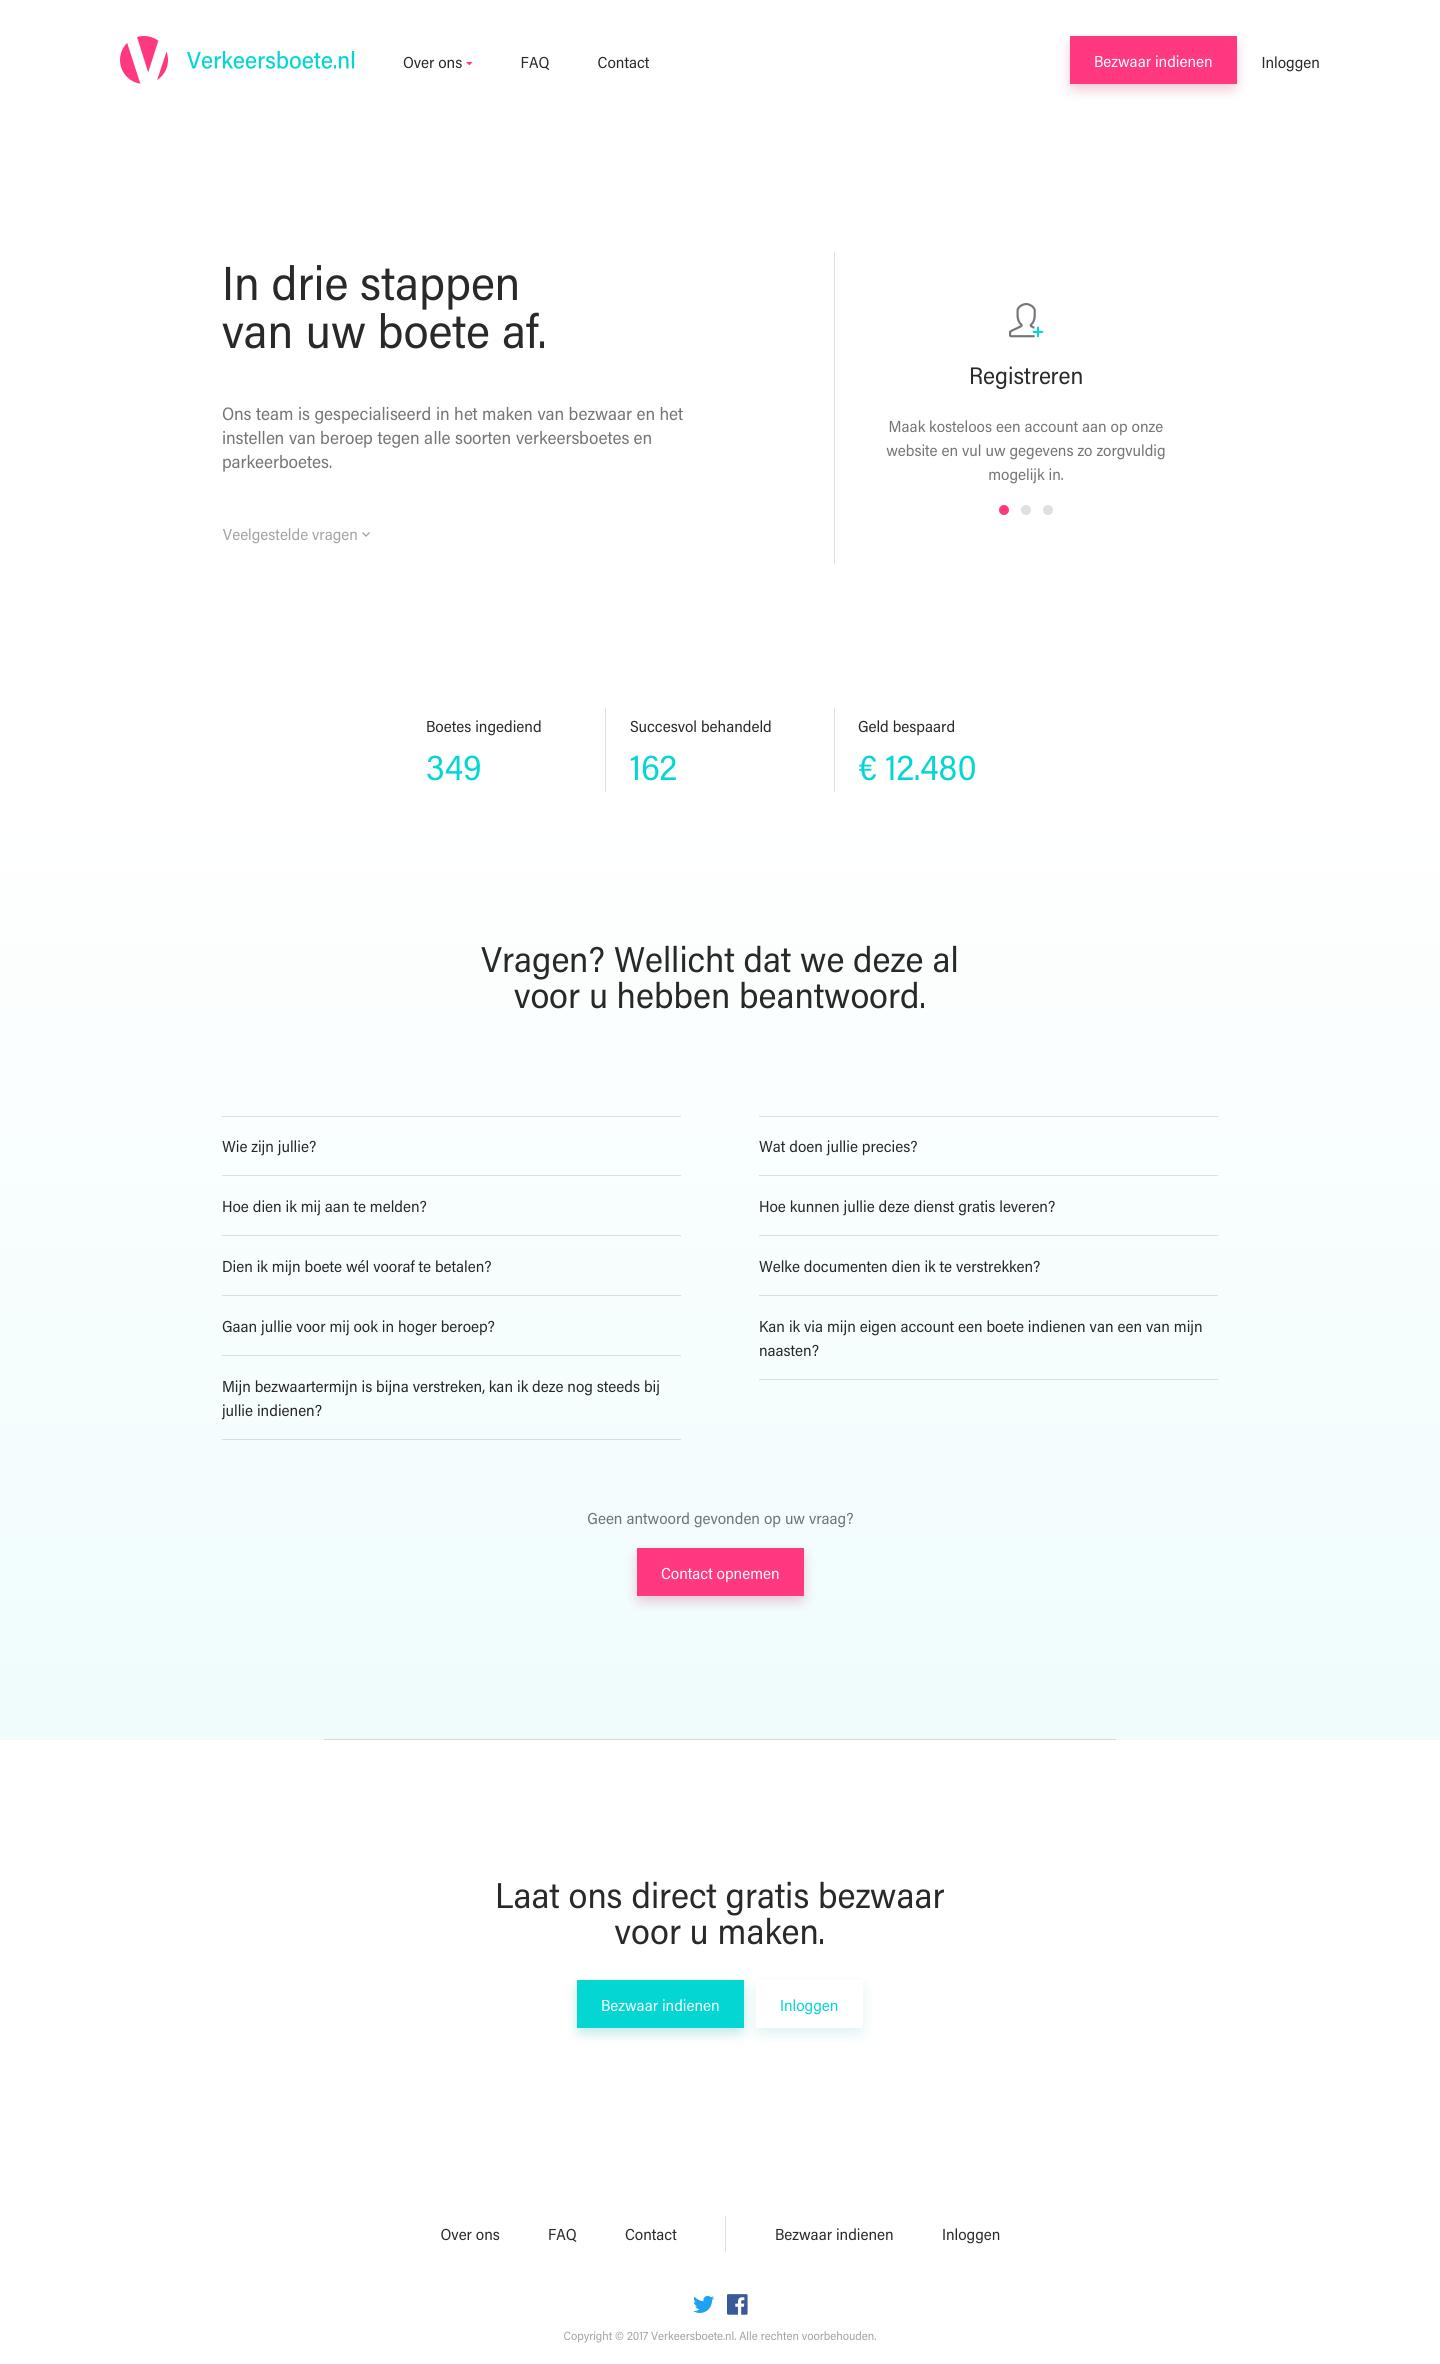 Verkeersboete homepage